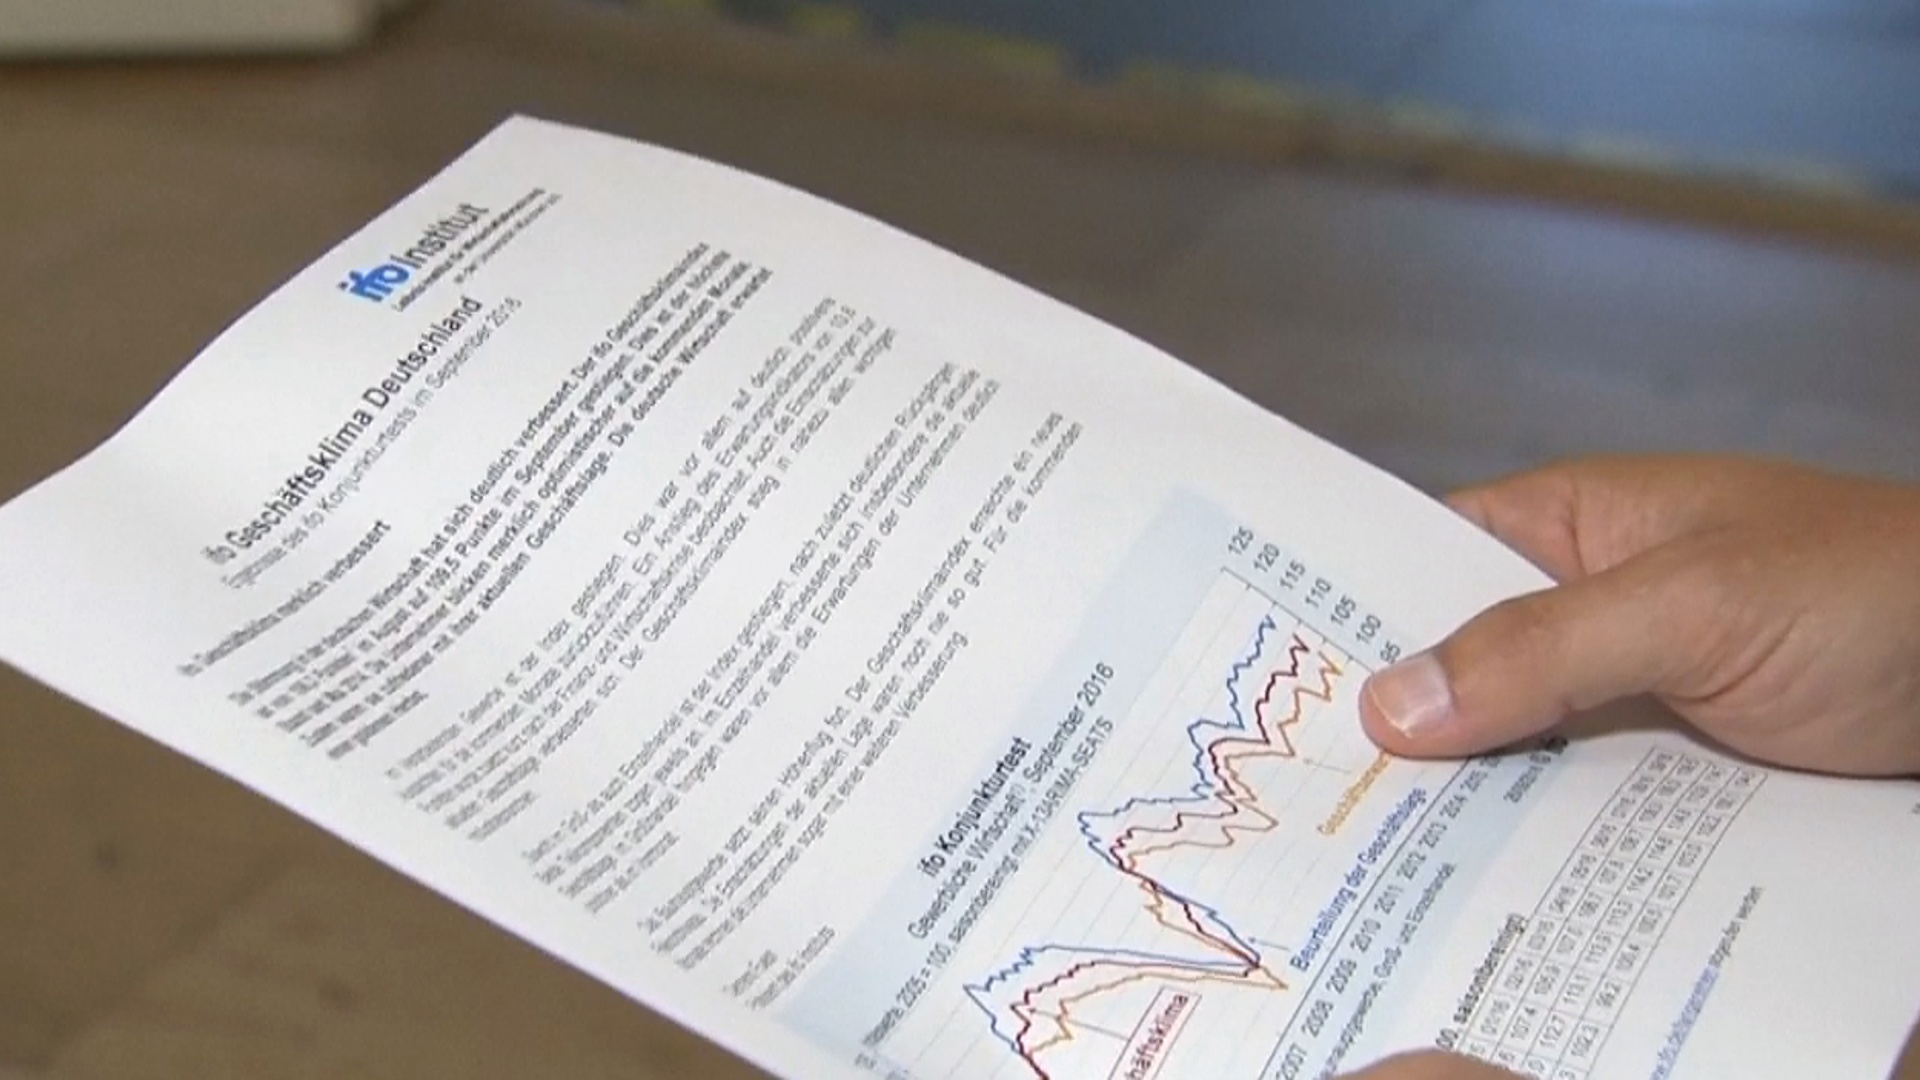 Индекс делового климата в Германии восстановился в сентябре